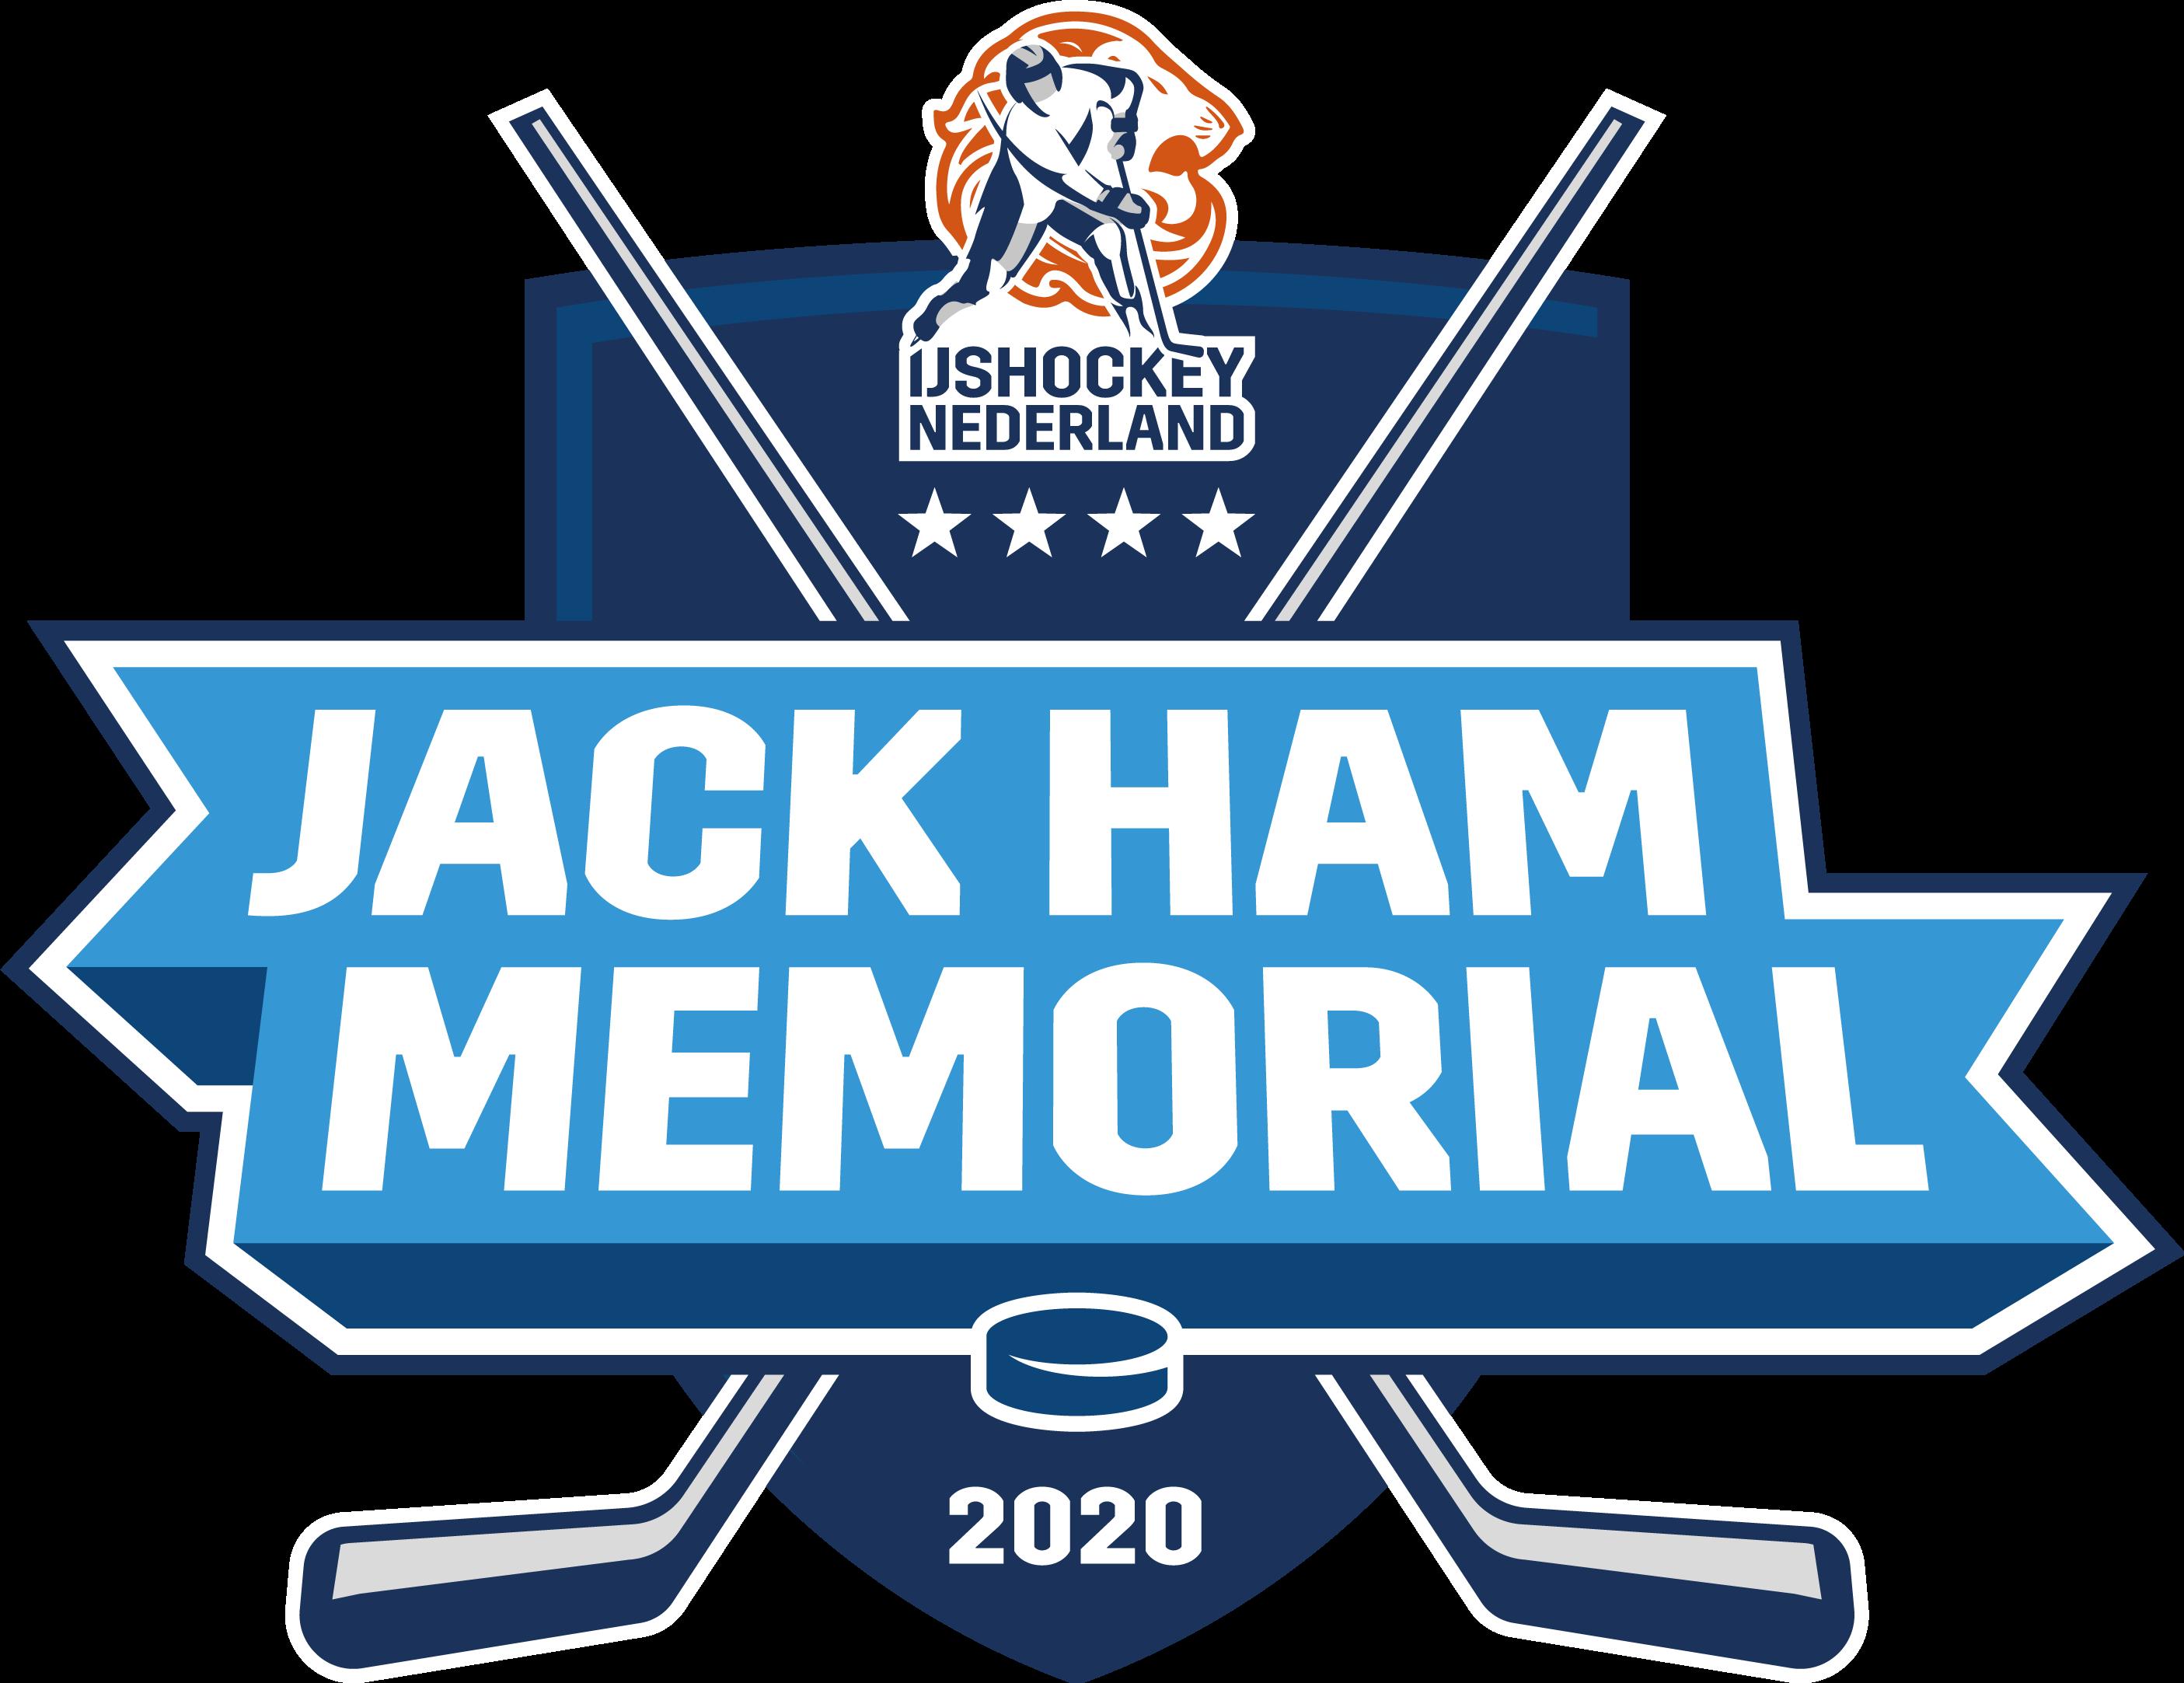 IJNL jackham 2020